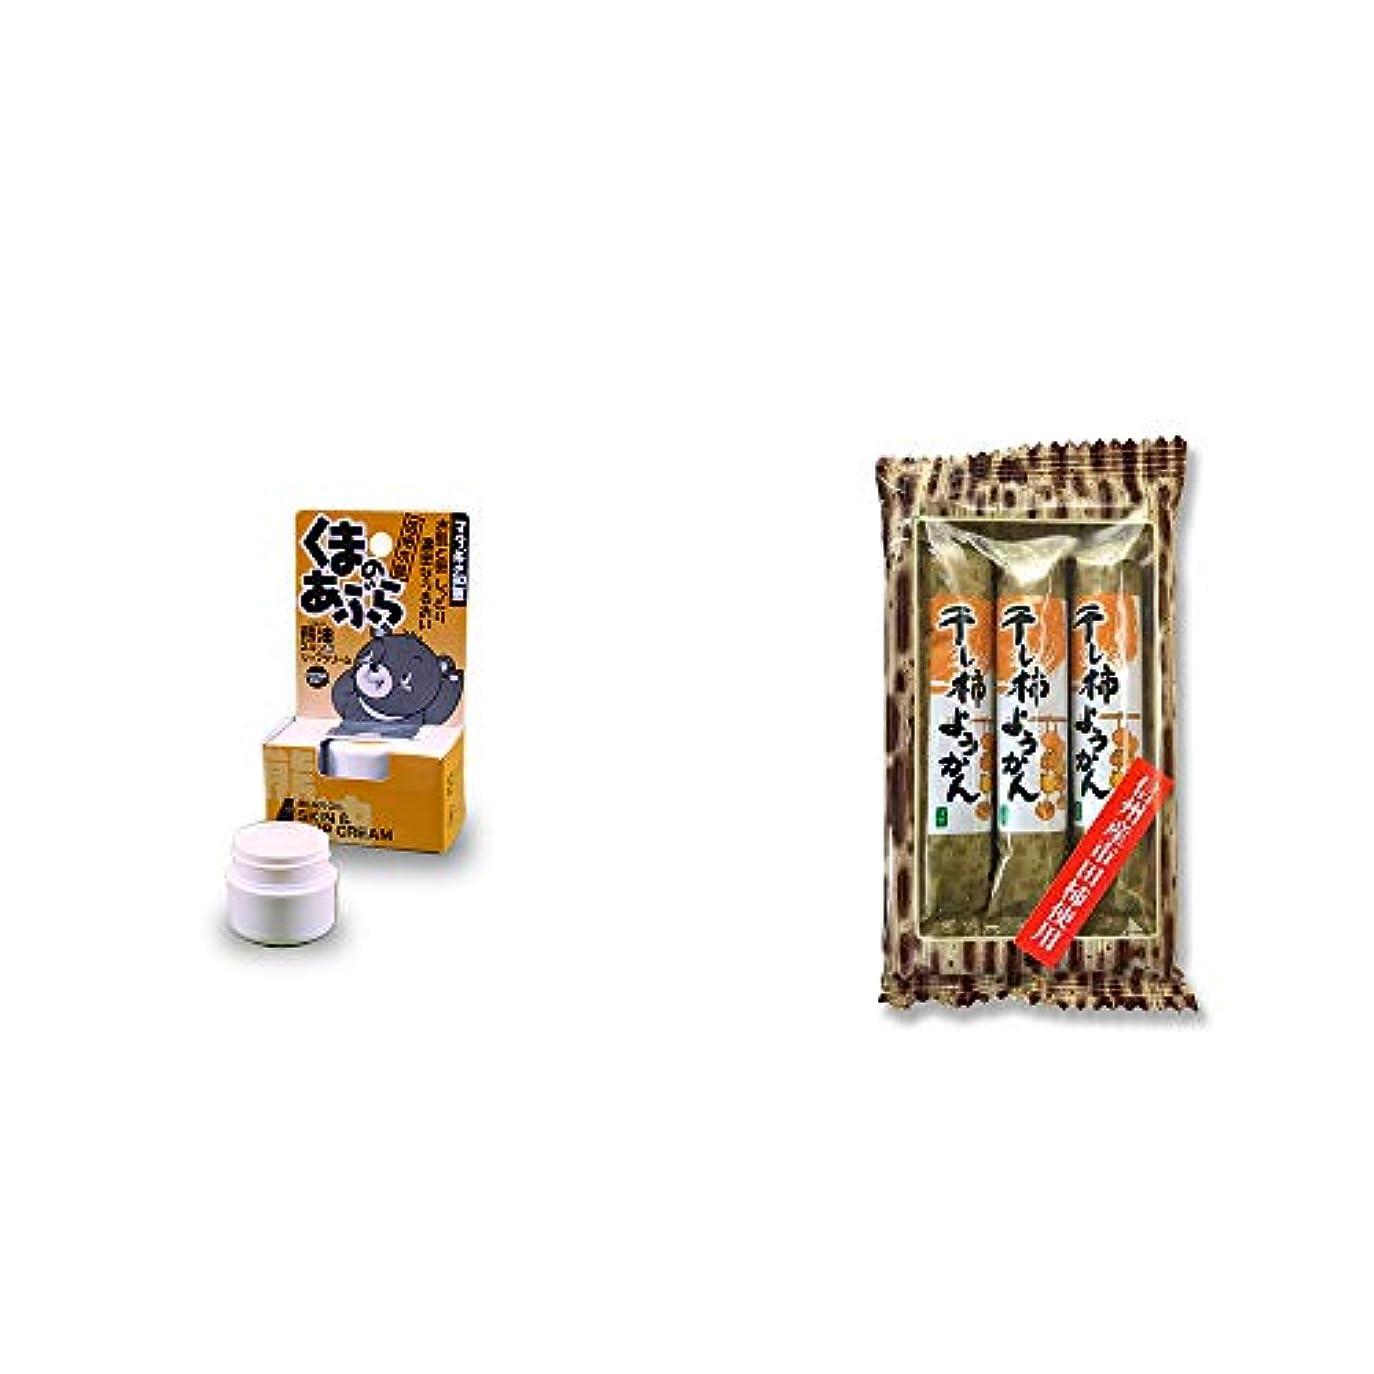 パイロット農奴フレア[2点セット] 信州木曽 くまのあぶら 熊油スキン&リップクリーム(9g)?信州産市田柿使用 スティックようかん[柿](50g×3本)